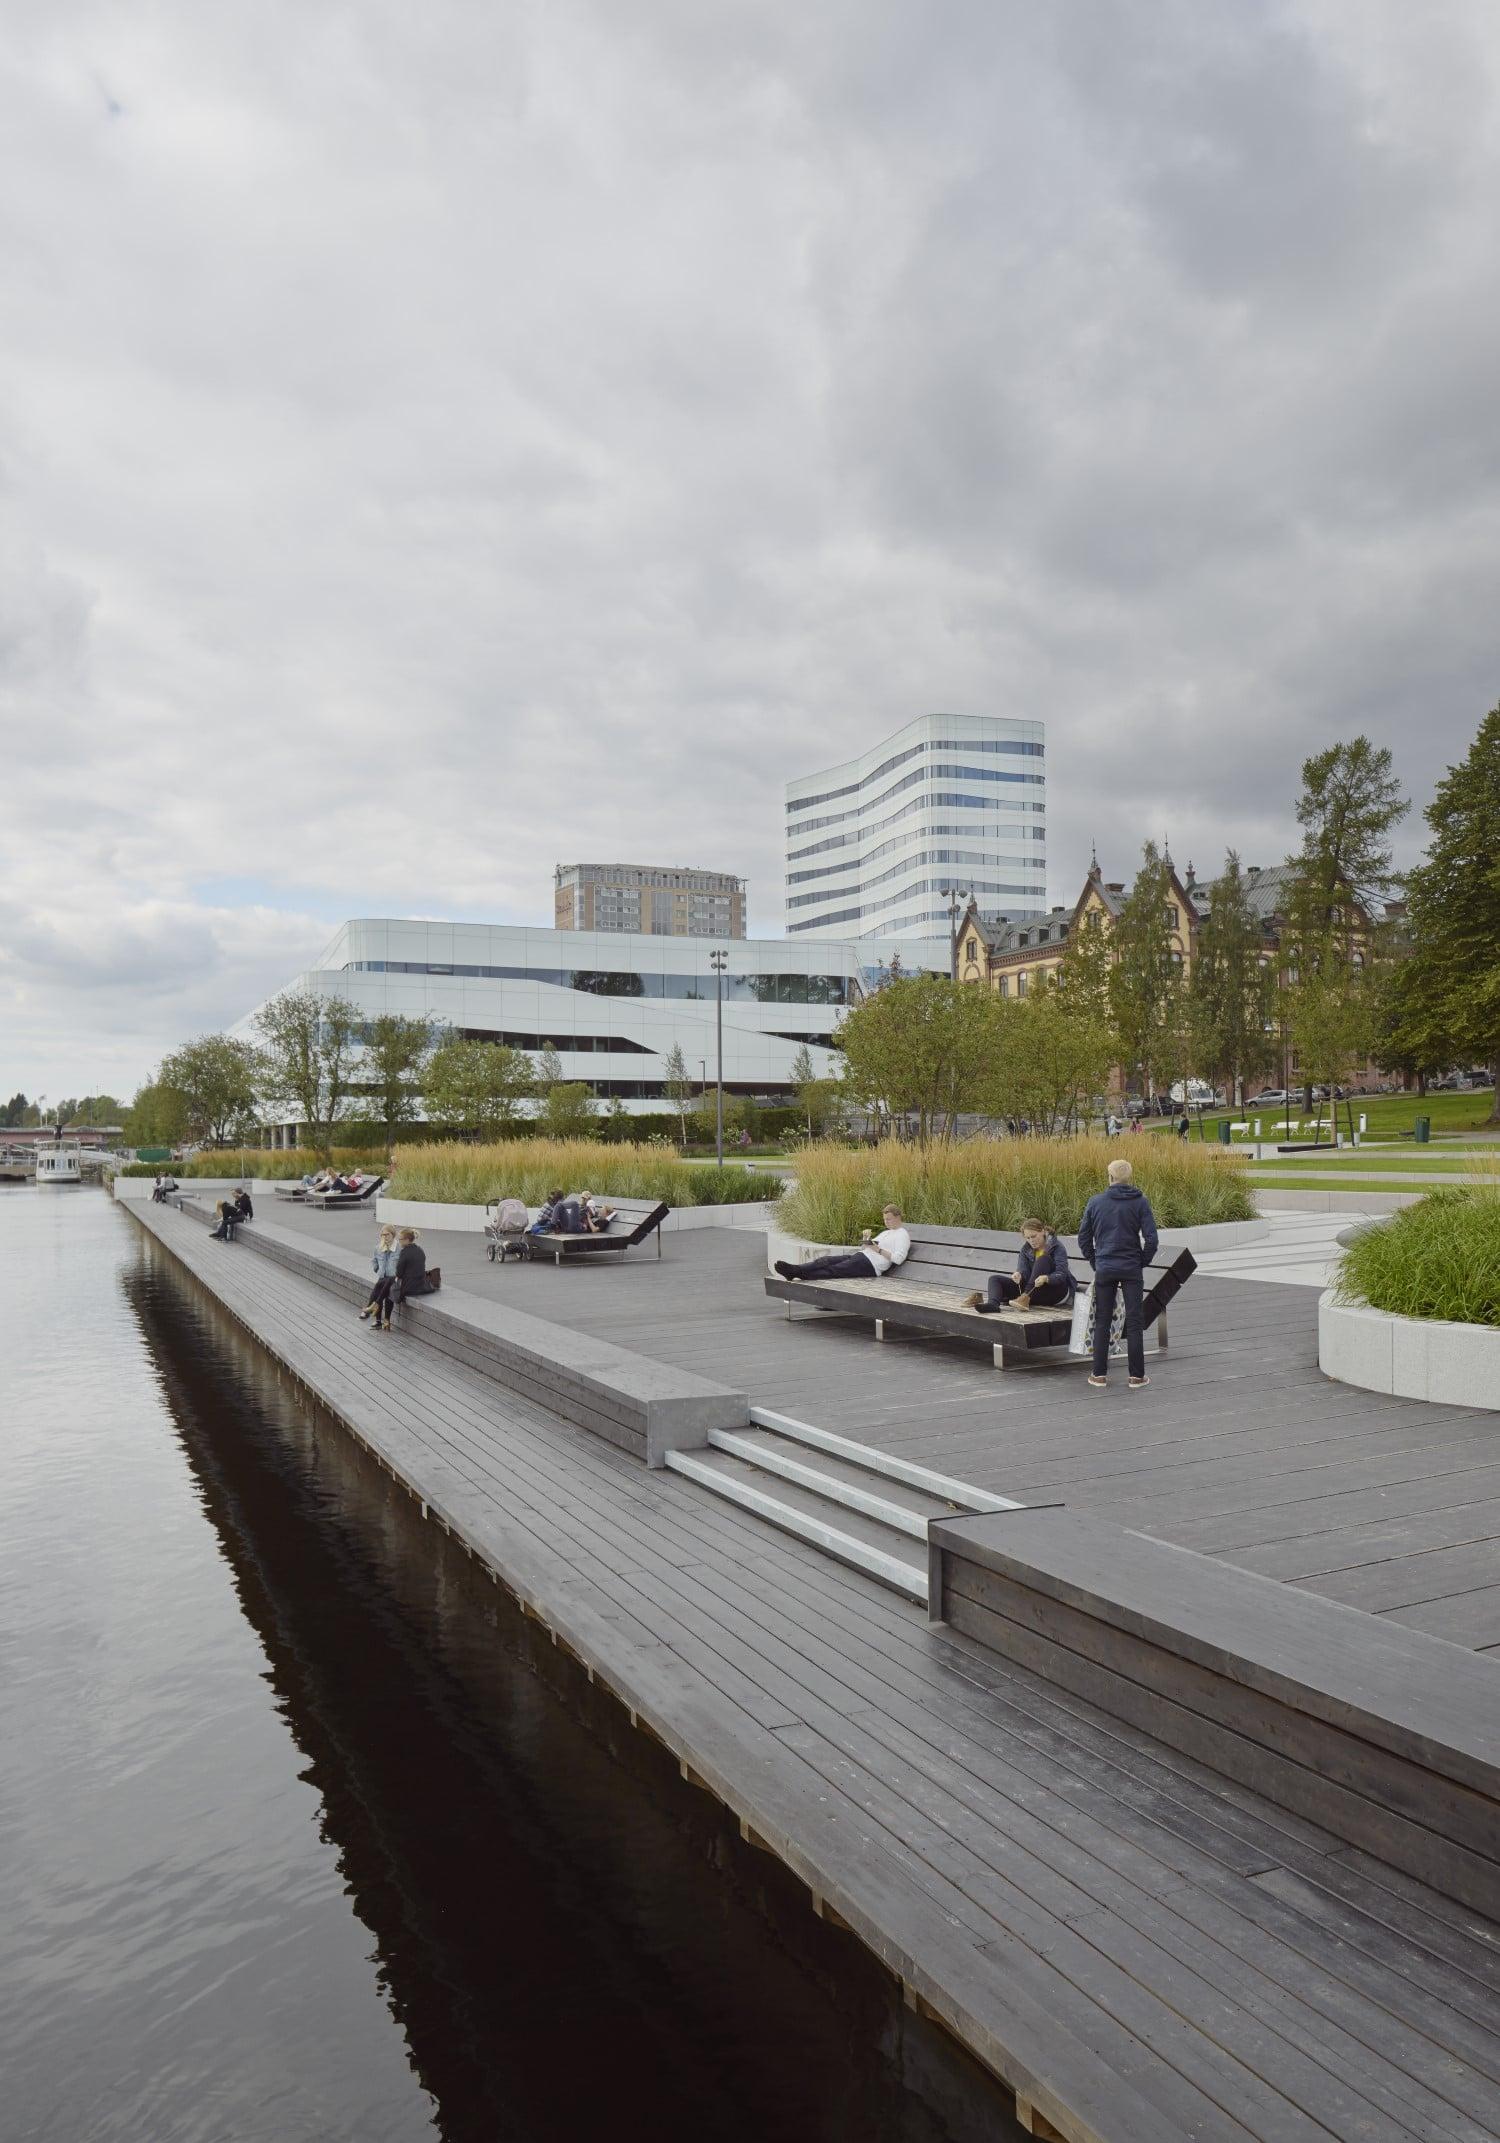 Träskyddspriset 2020 Rådhusparken, Fotograf: Åke E:son Lindman